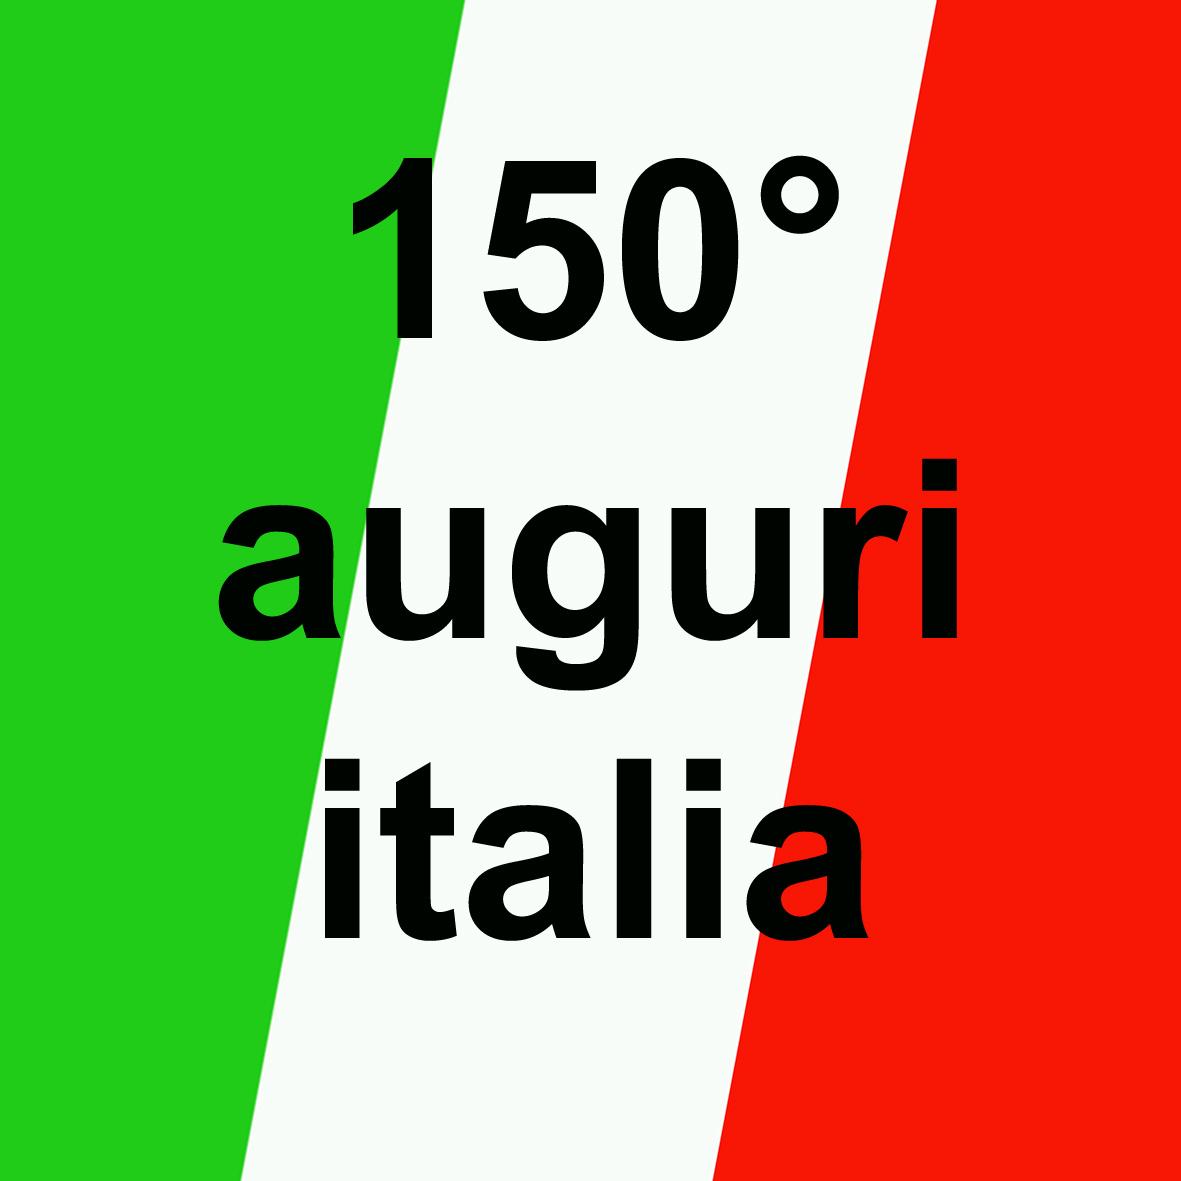 auguri-italia.jpg